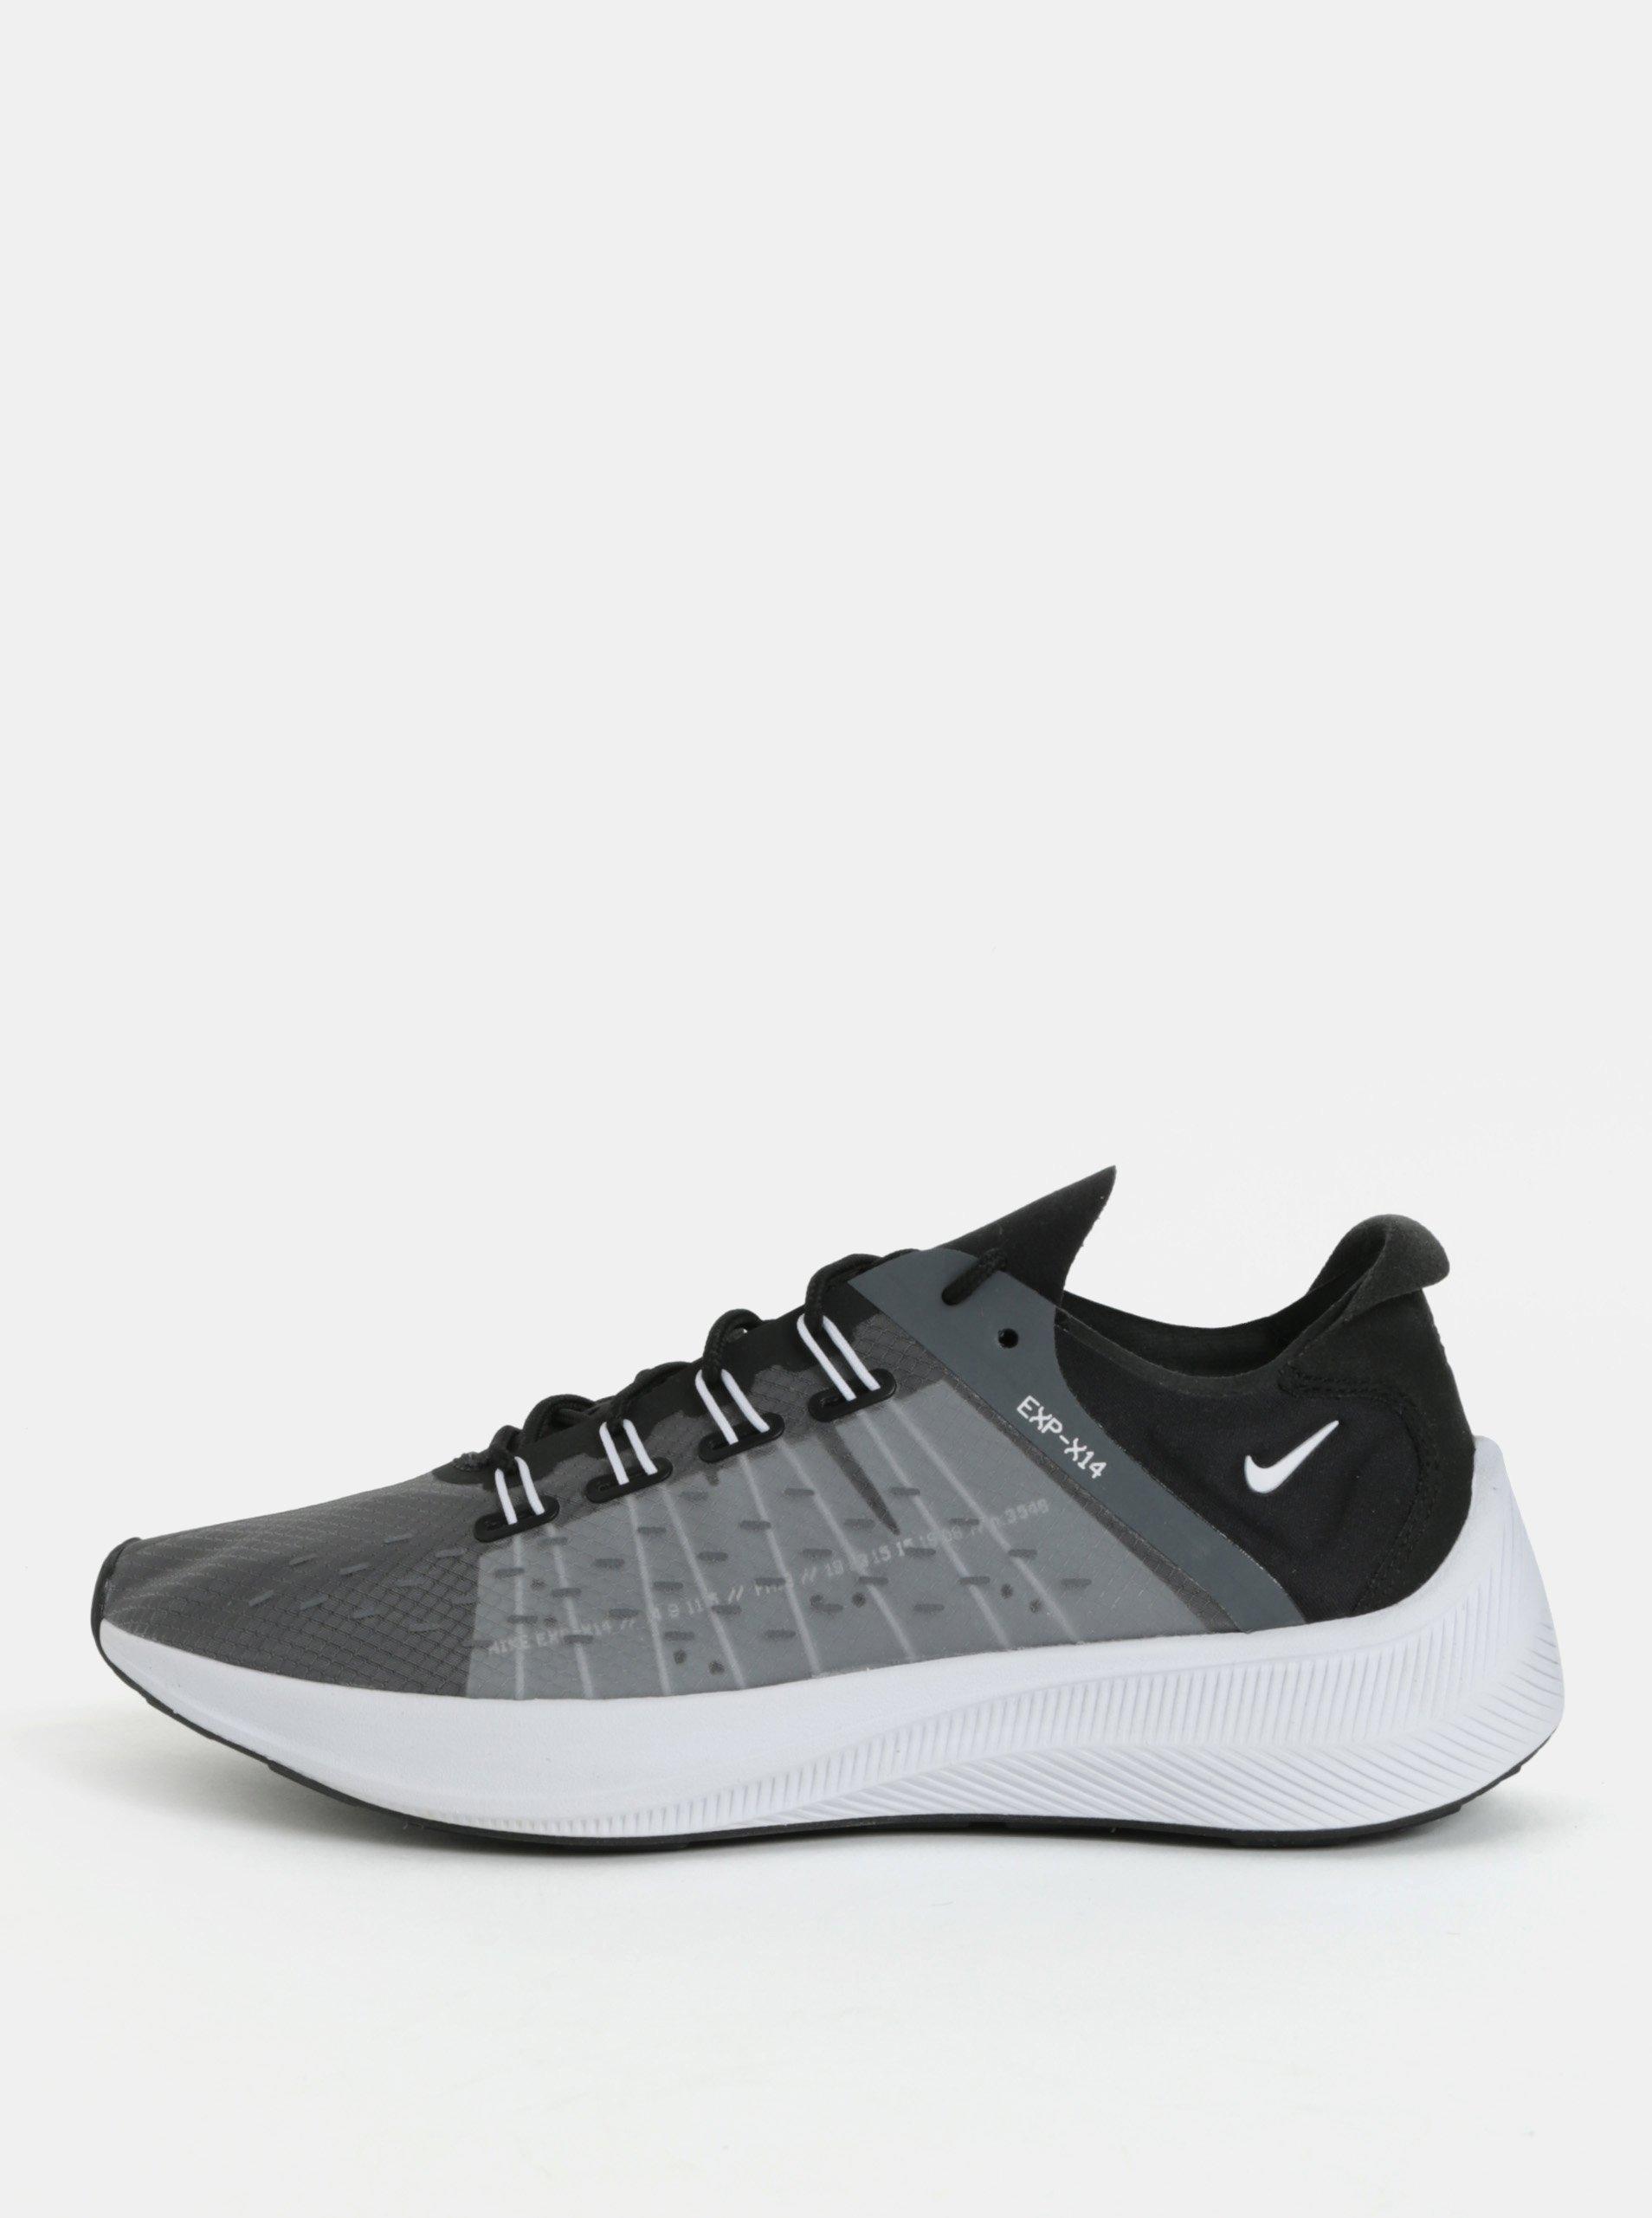 Šedo-černé dámské tenisky Nike EXP - X 14 7eea6f2a84